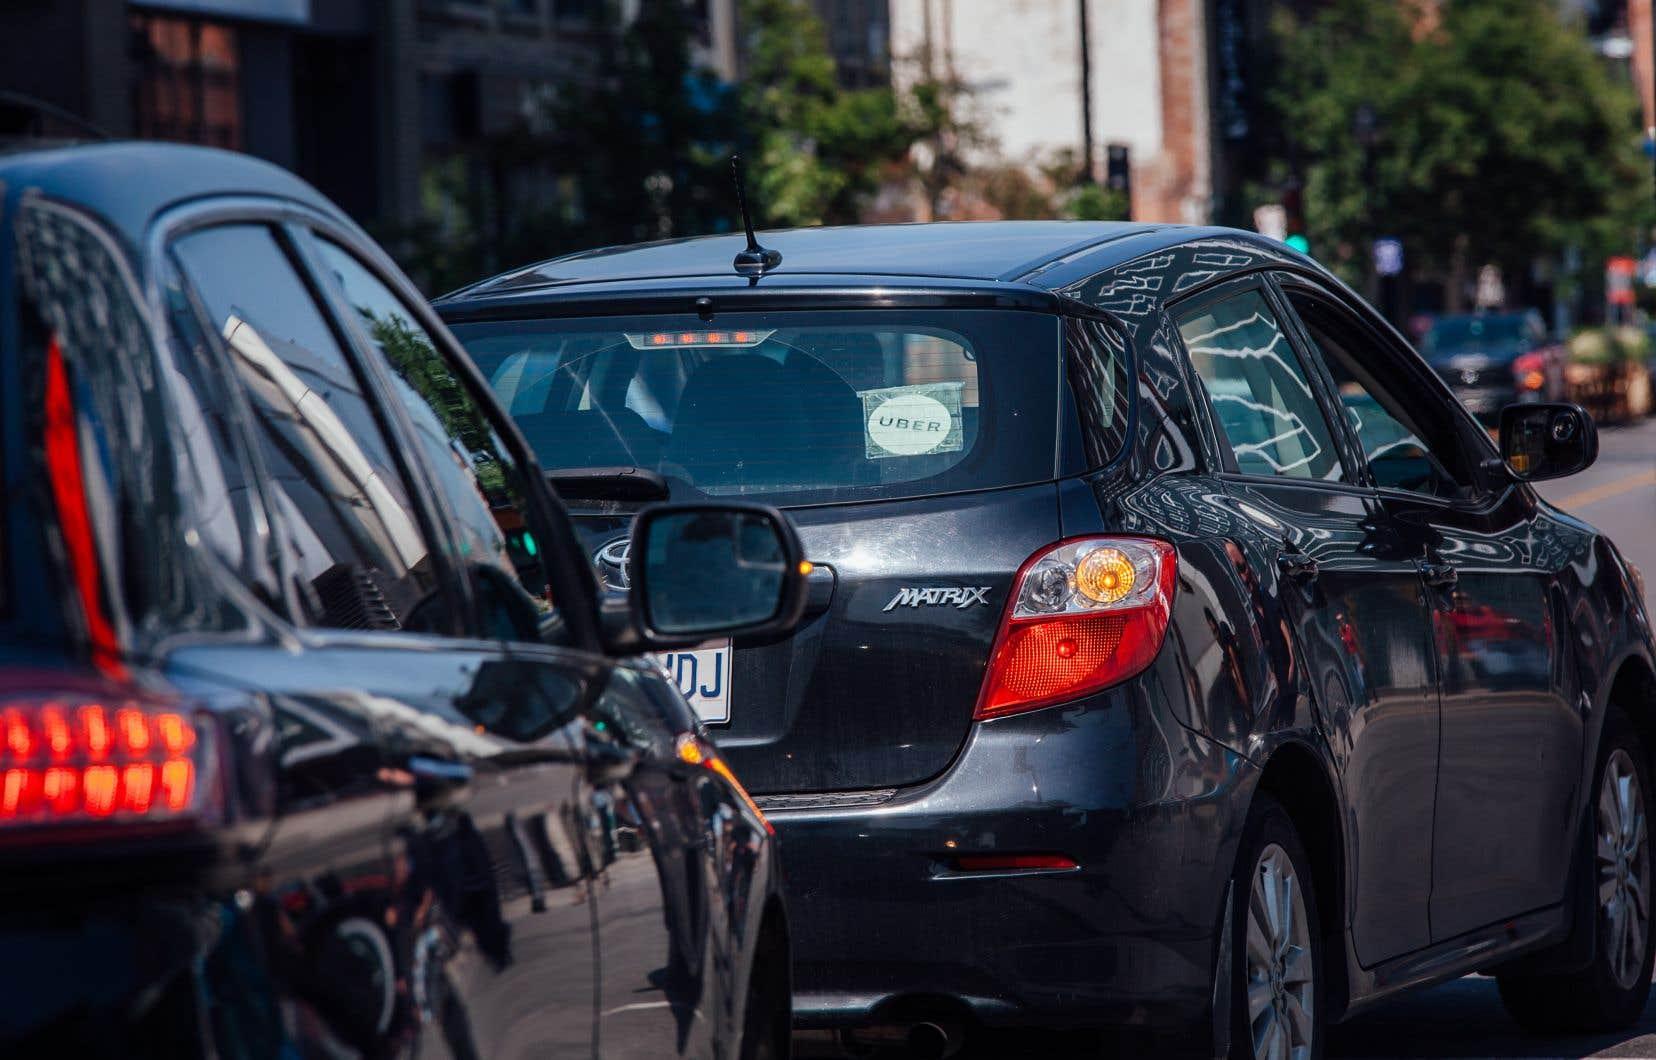 À l'heure actuelle, Uber limite ses activités aux régions de Montréal, Québec et Gatineau.